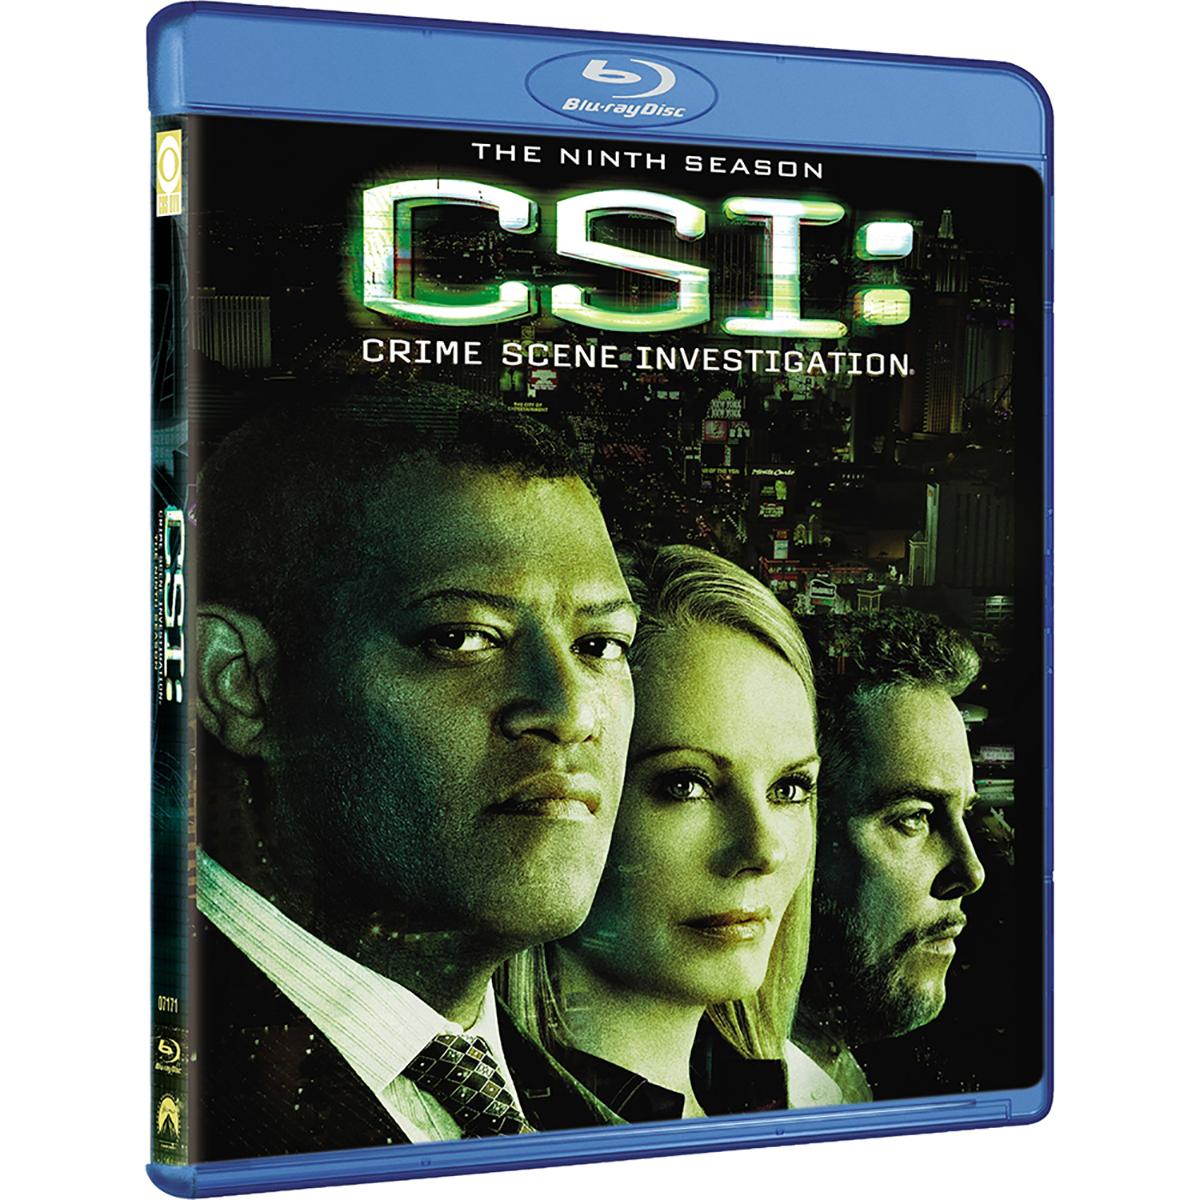 CSI: Crime Scene Investigation - Season 9 Blu-ray -  DVDs & Videos 4285-108285